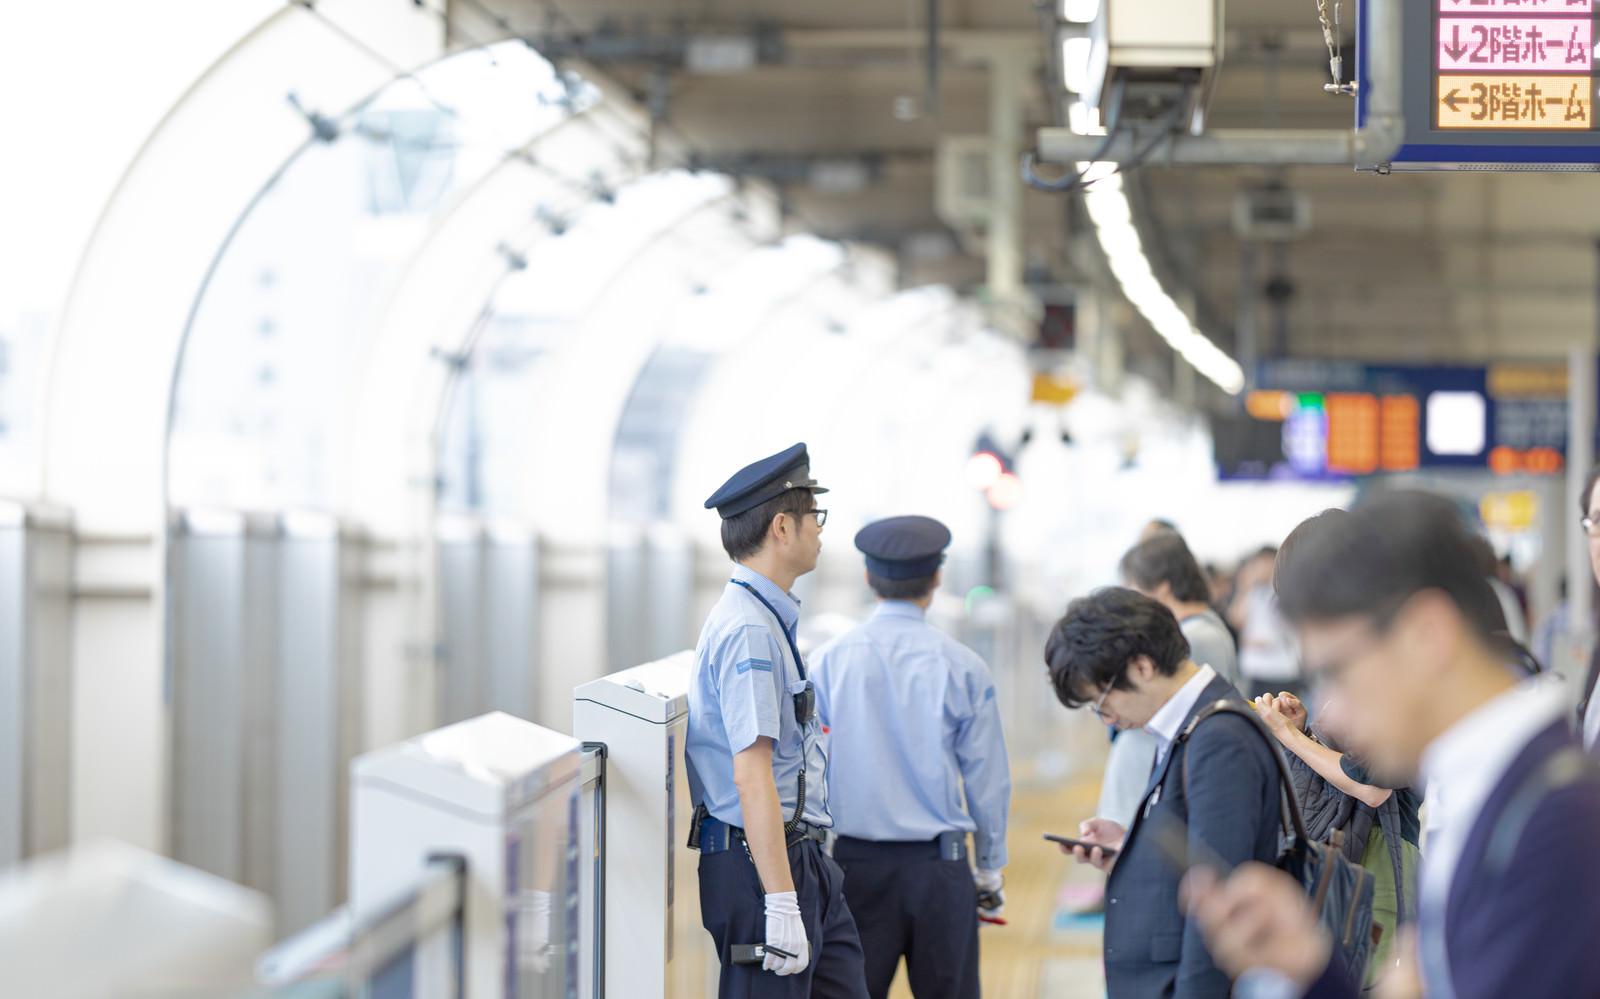 「電車を待つ人と駅員」の写真